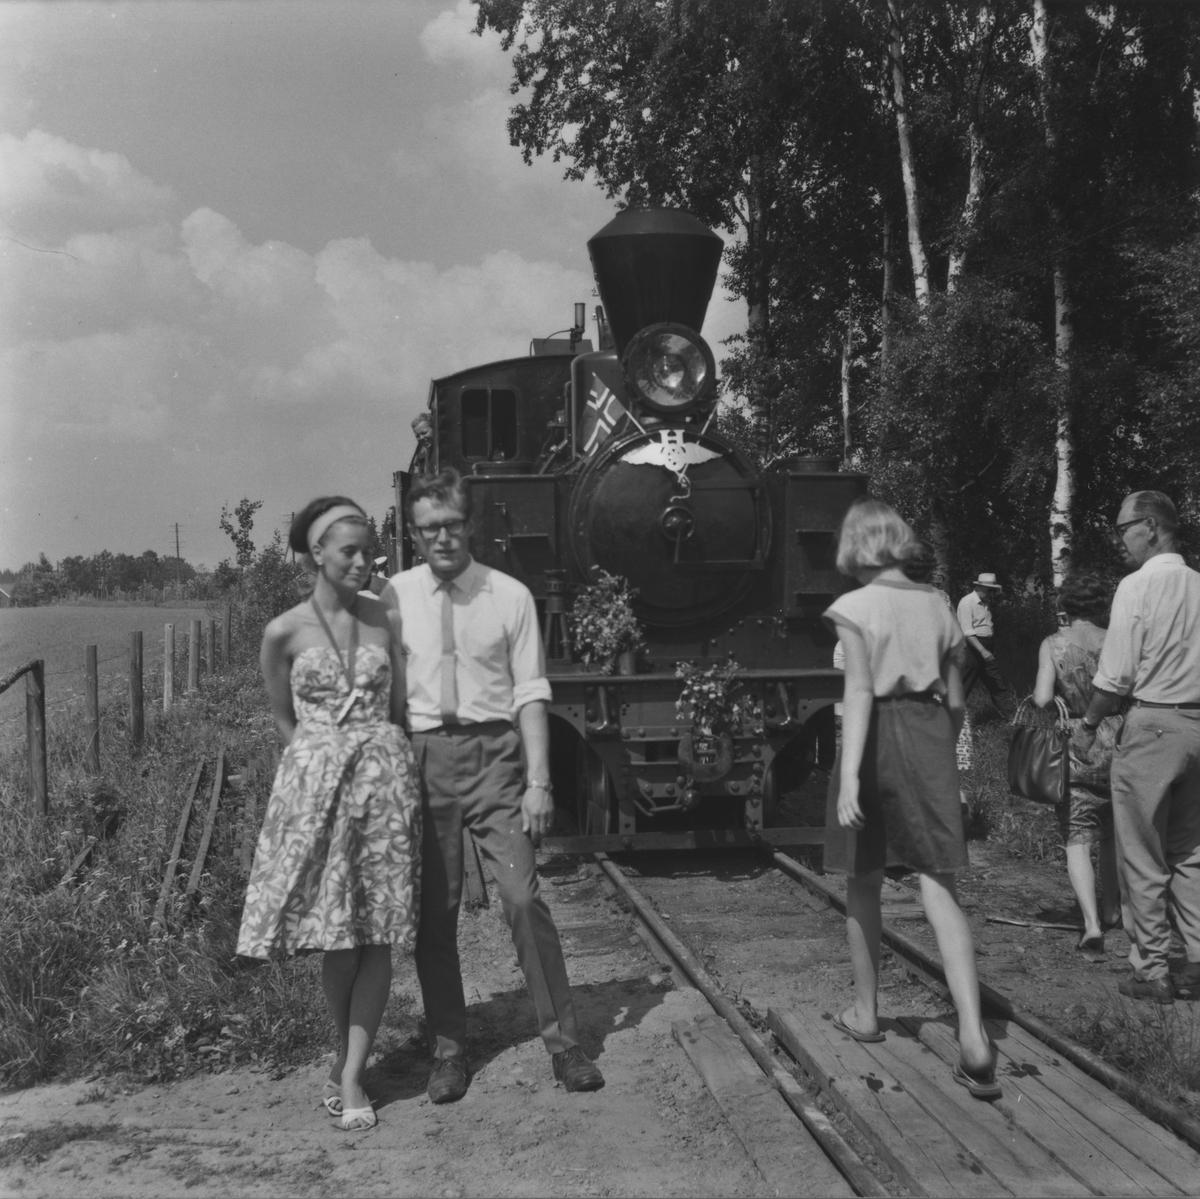 Åpningen av museumsbanen 19. juni 1966. Første ordinære tog har ankommet Fossum stasjon.